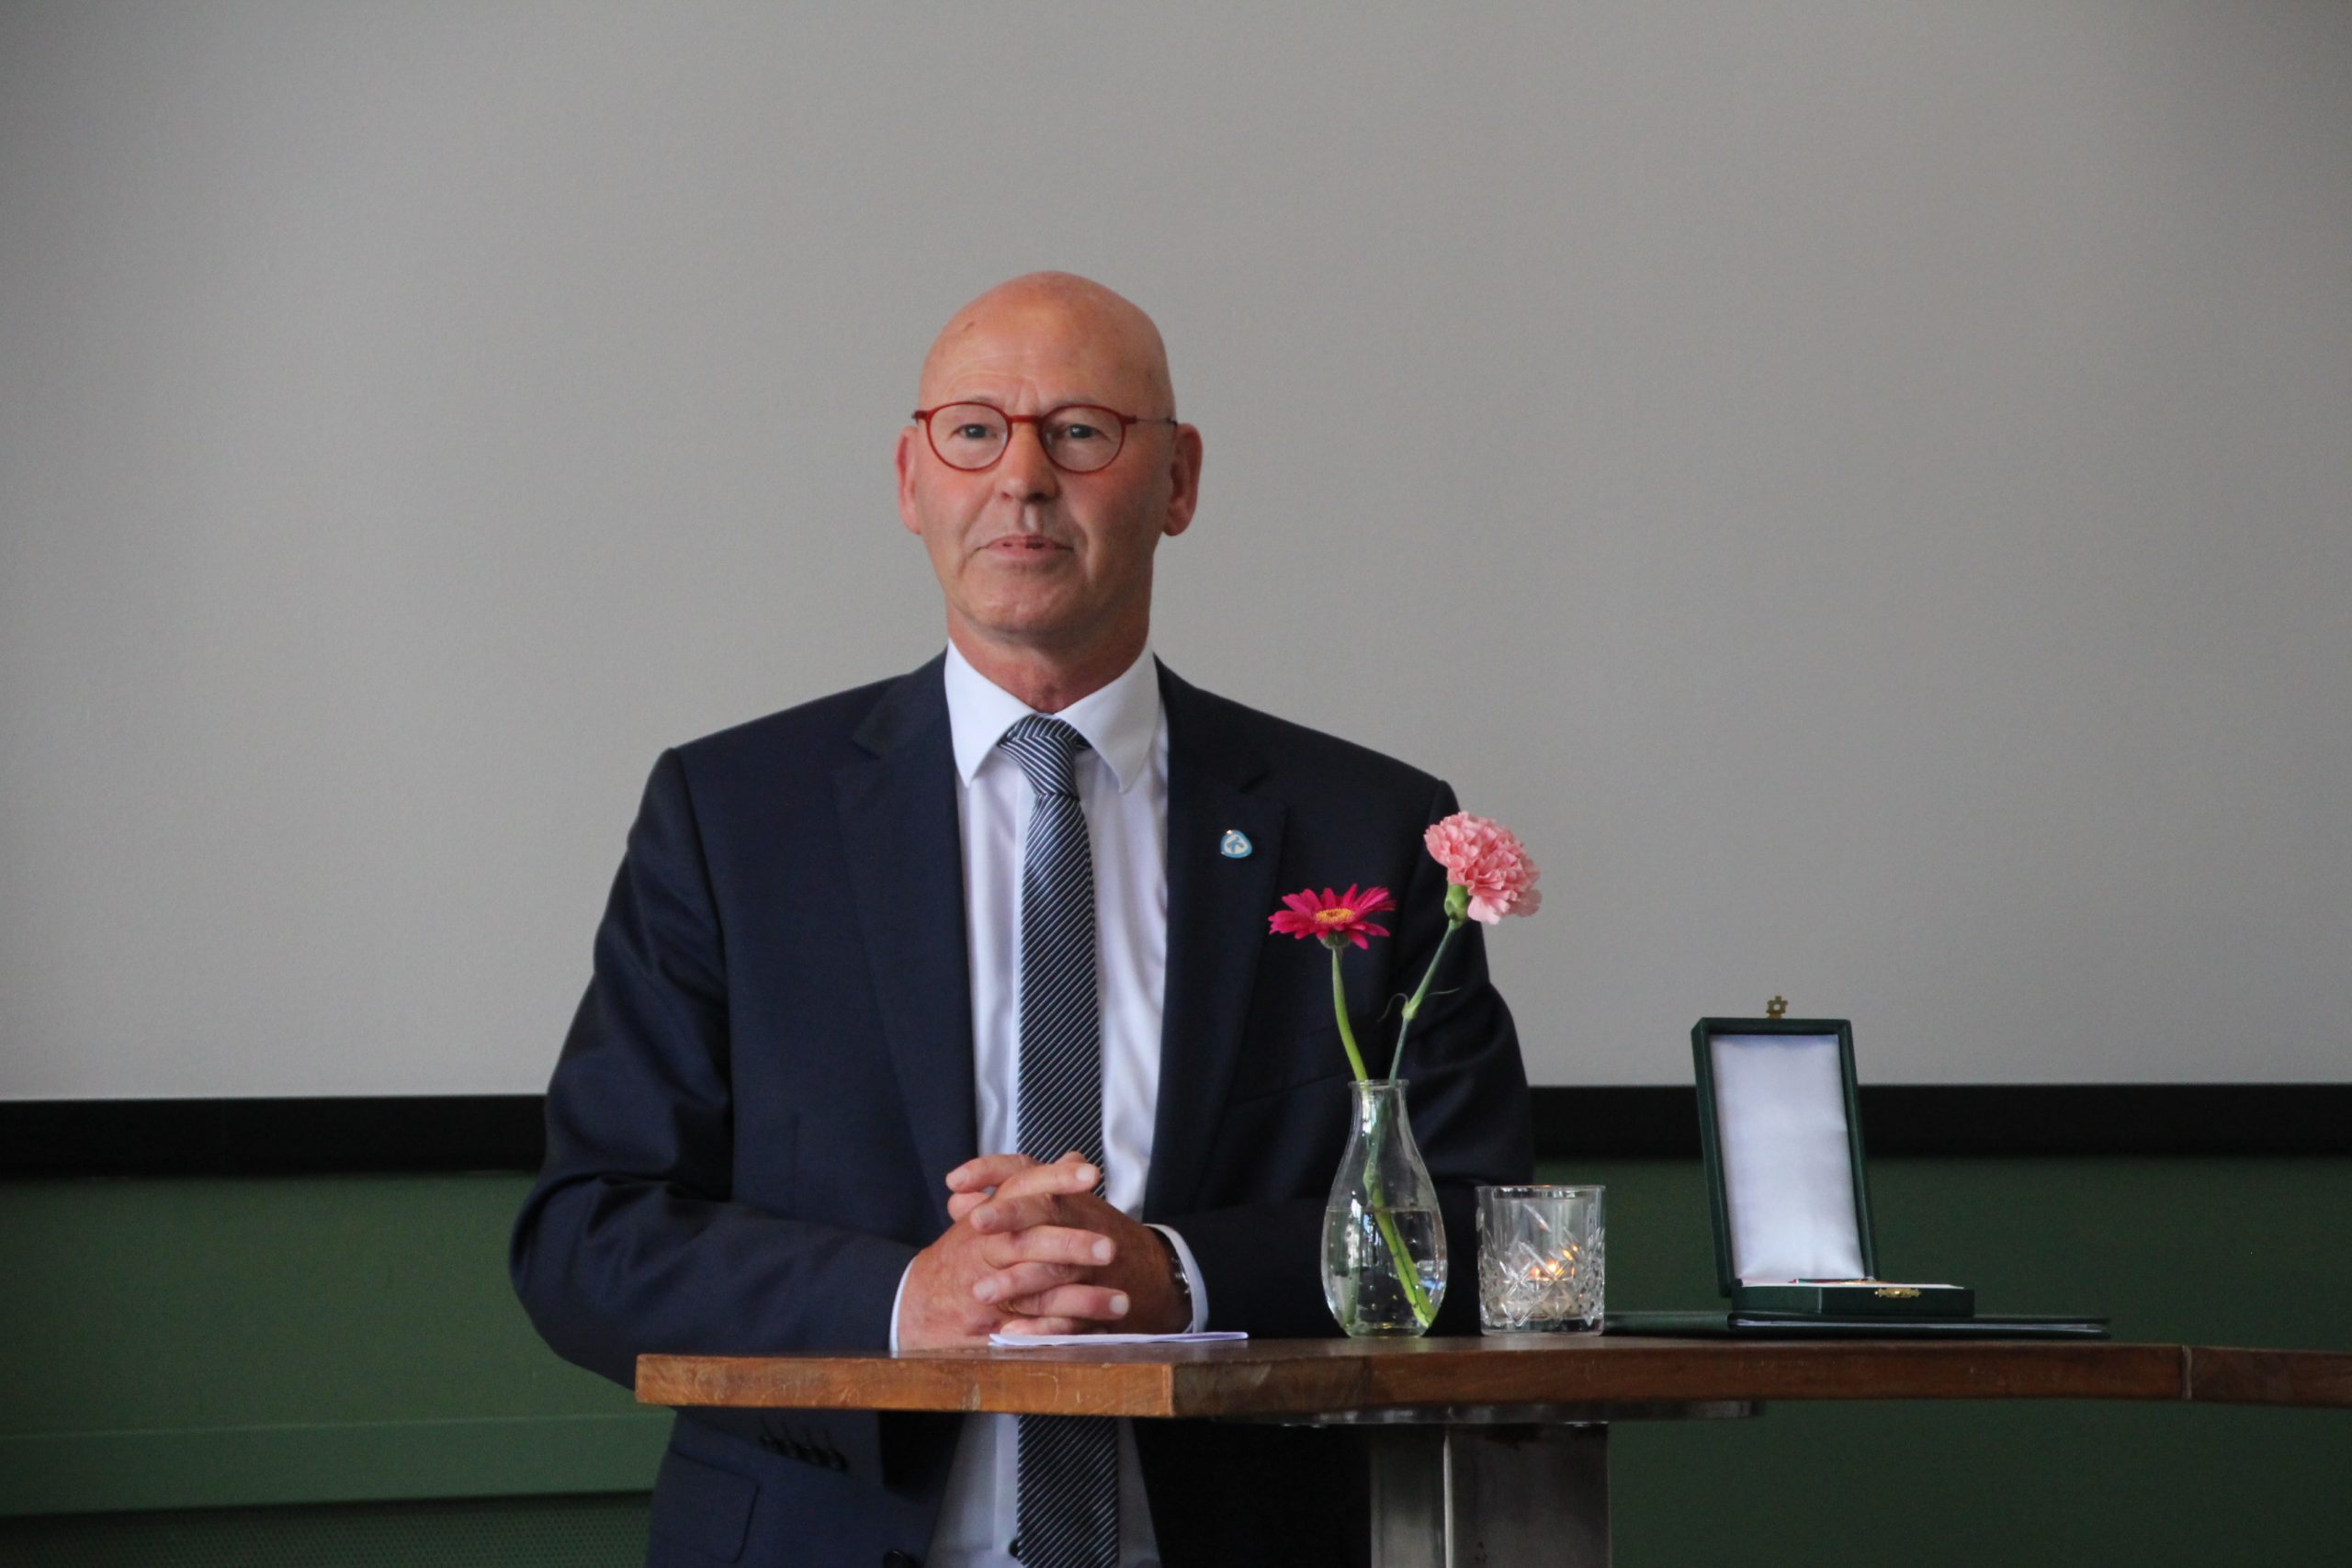 Burgemeester Koelewijn stopt per 1 oktober 2021